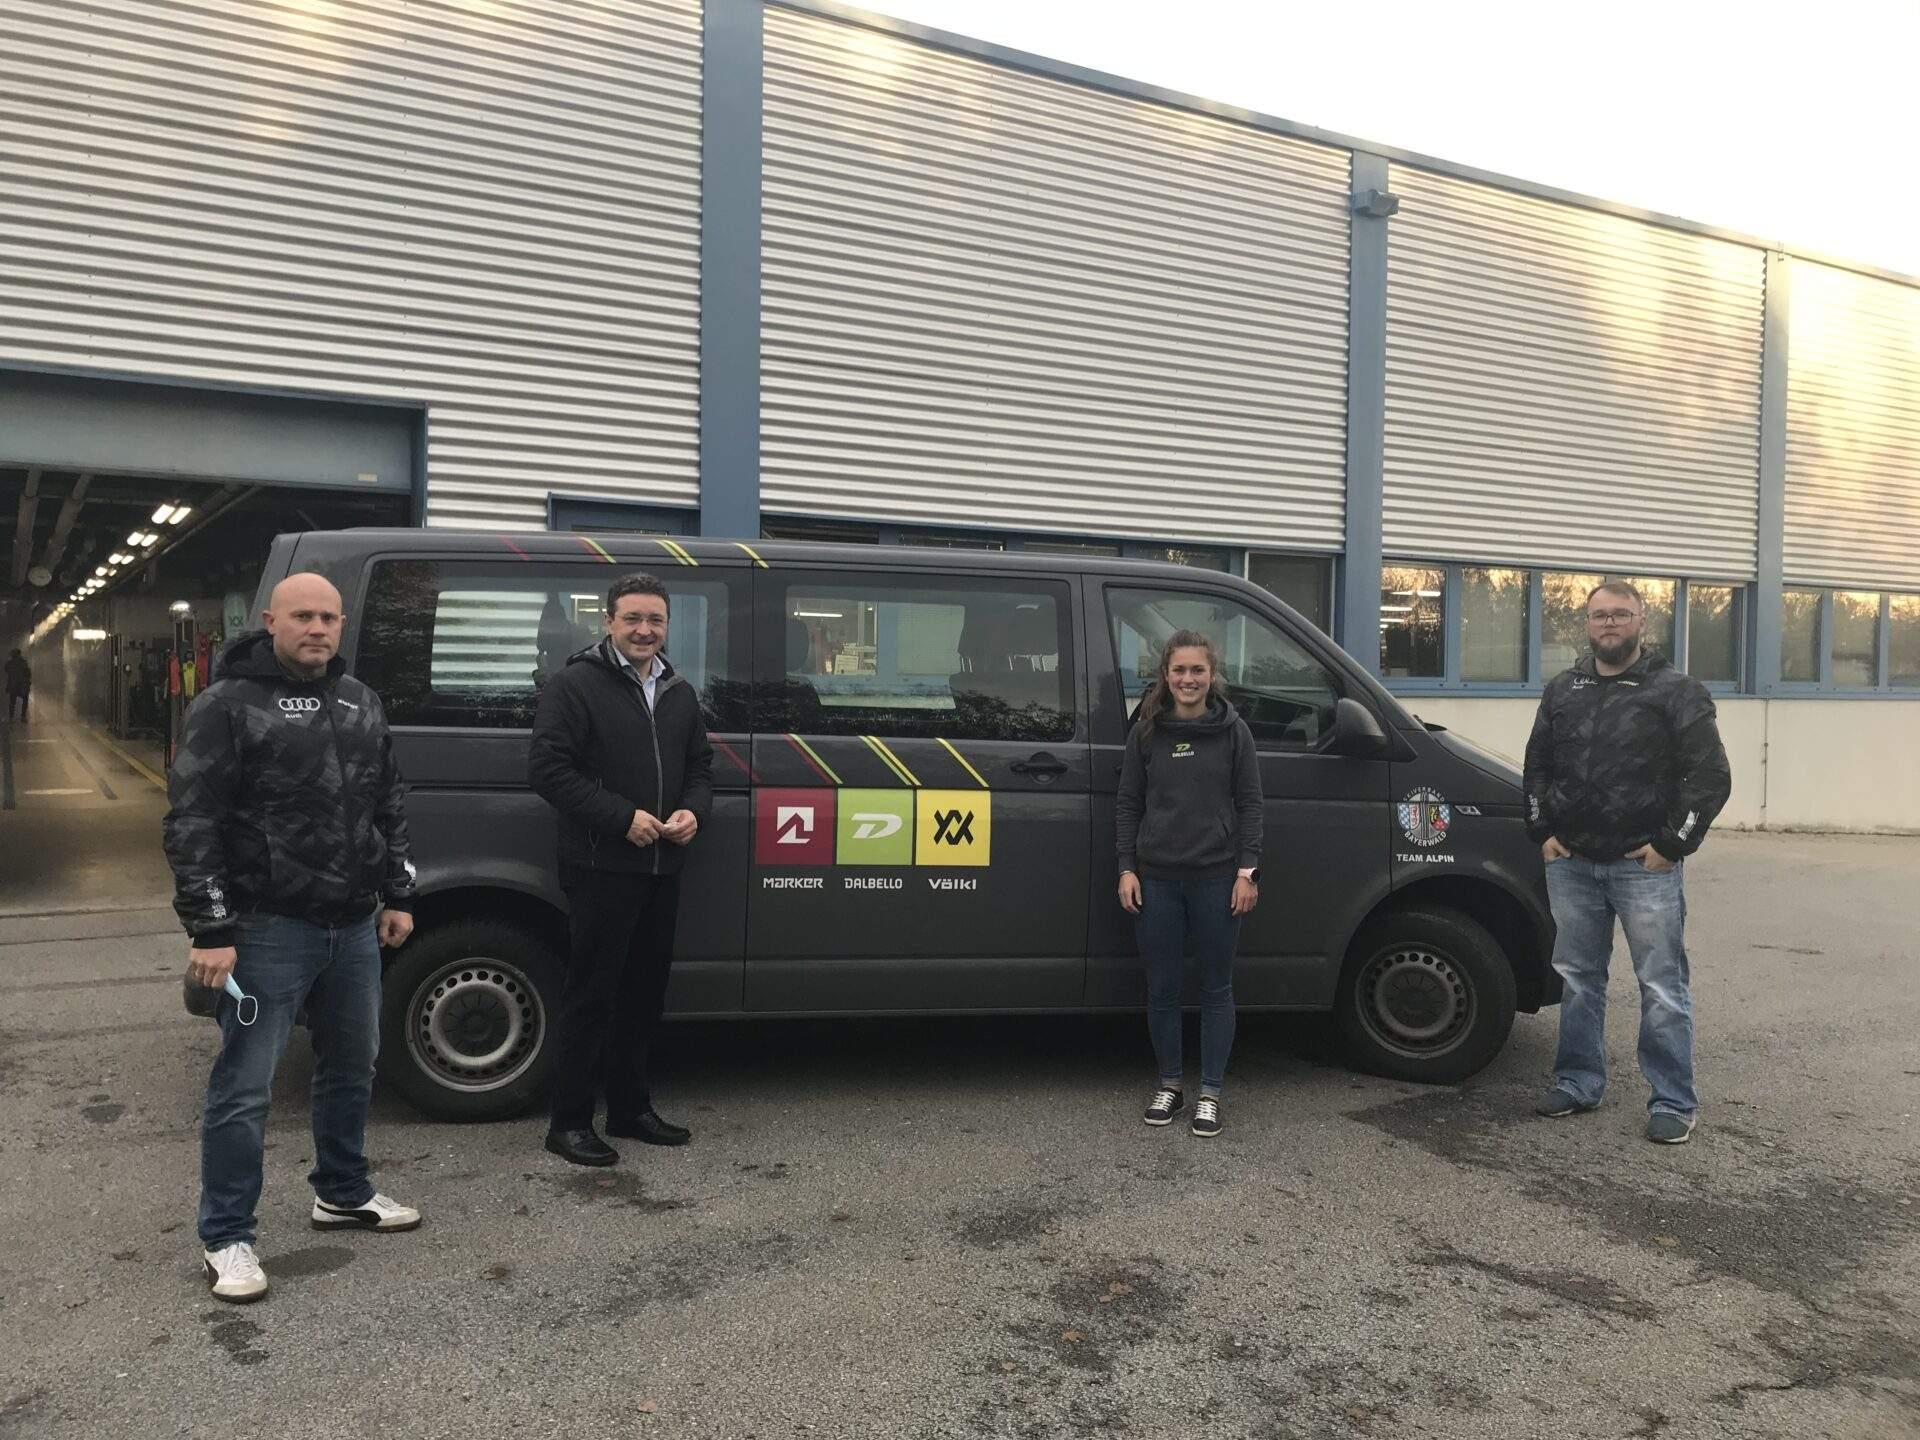 Völkl als Sponsor für den neuen Alpinen Bus gewonnen